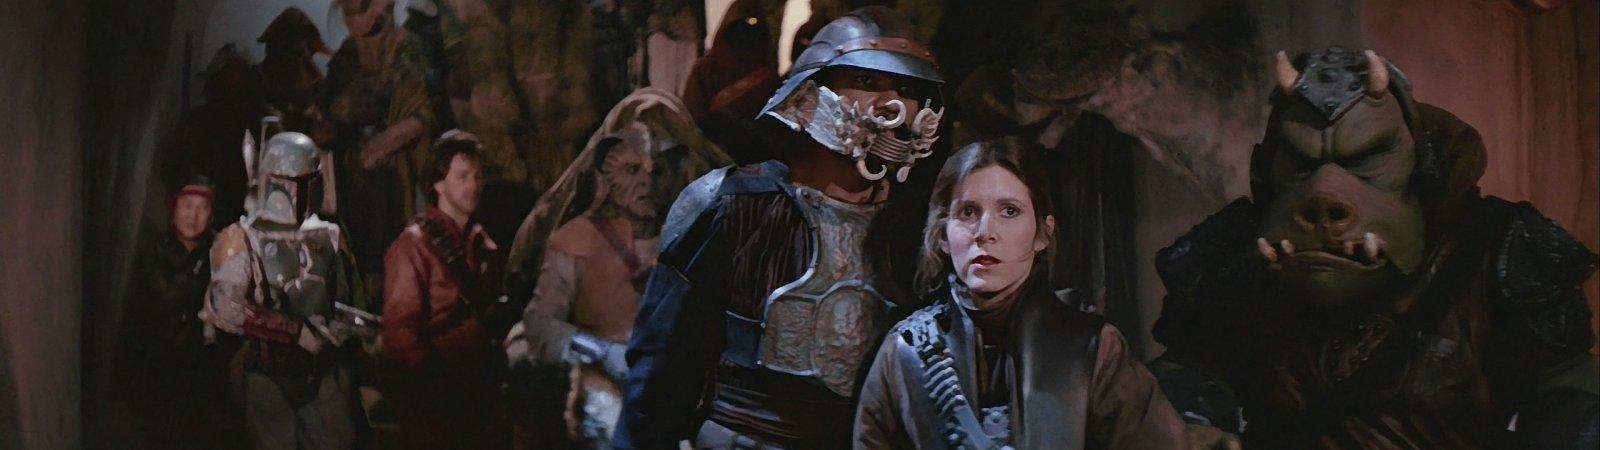 Photo du film : Star Wars : Episode VI - Le retour du Jedi